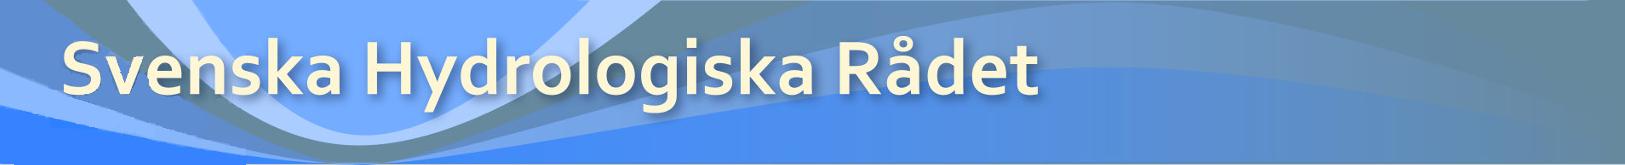 Svenska hydrologiska rådet (SHR)